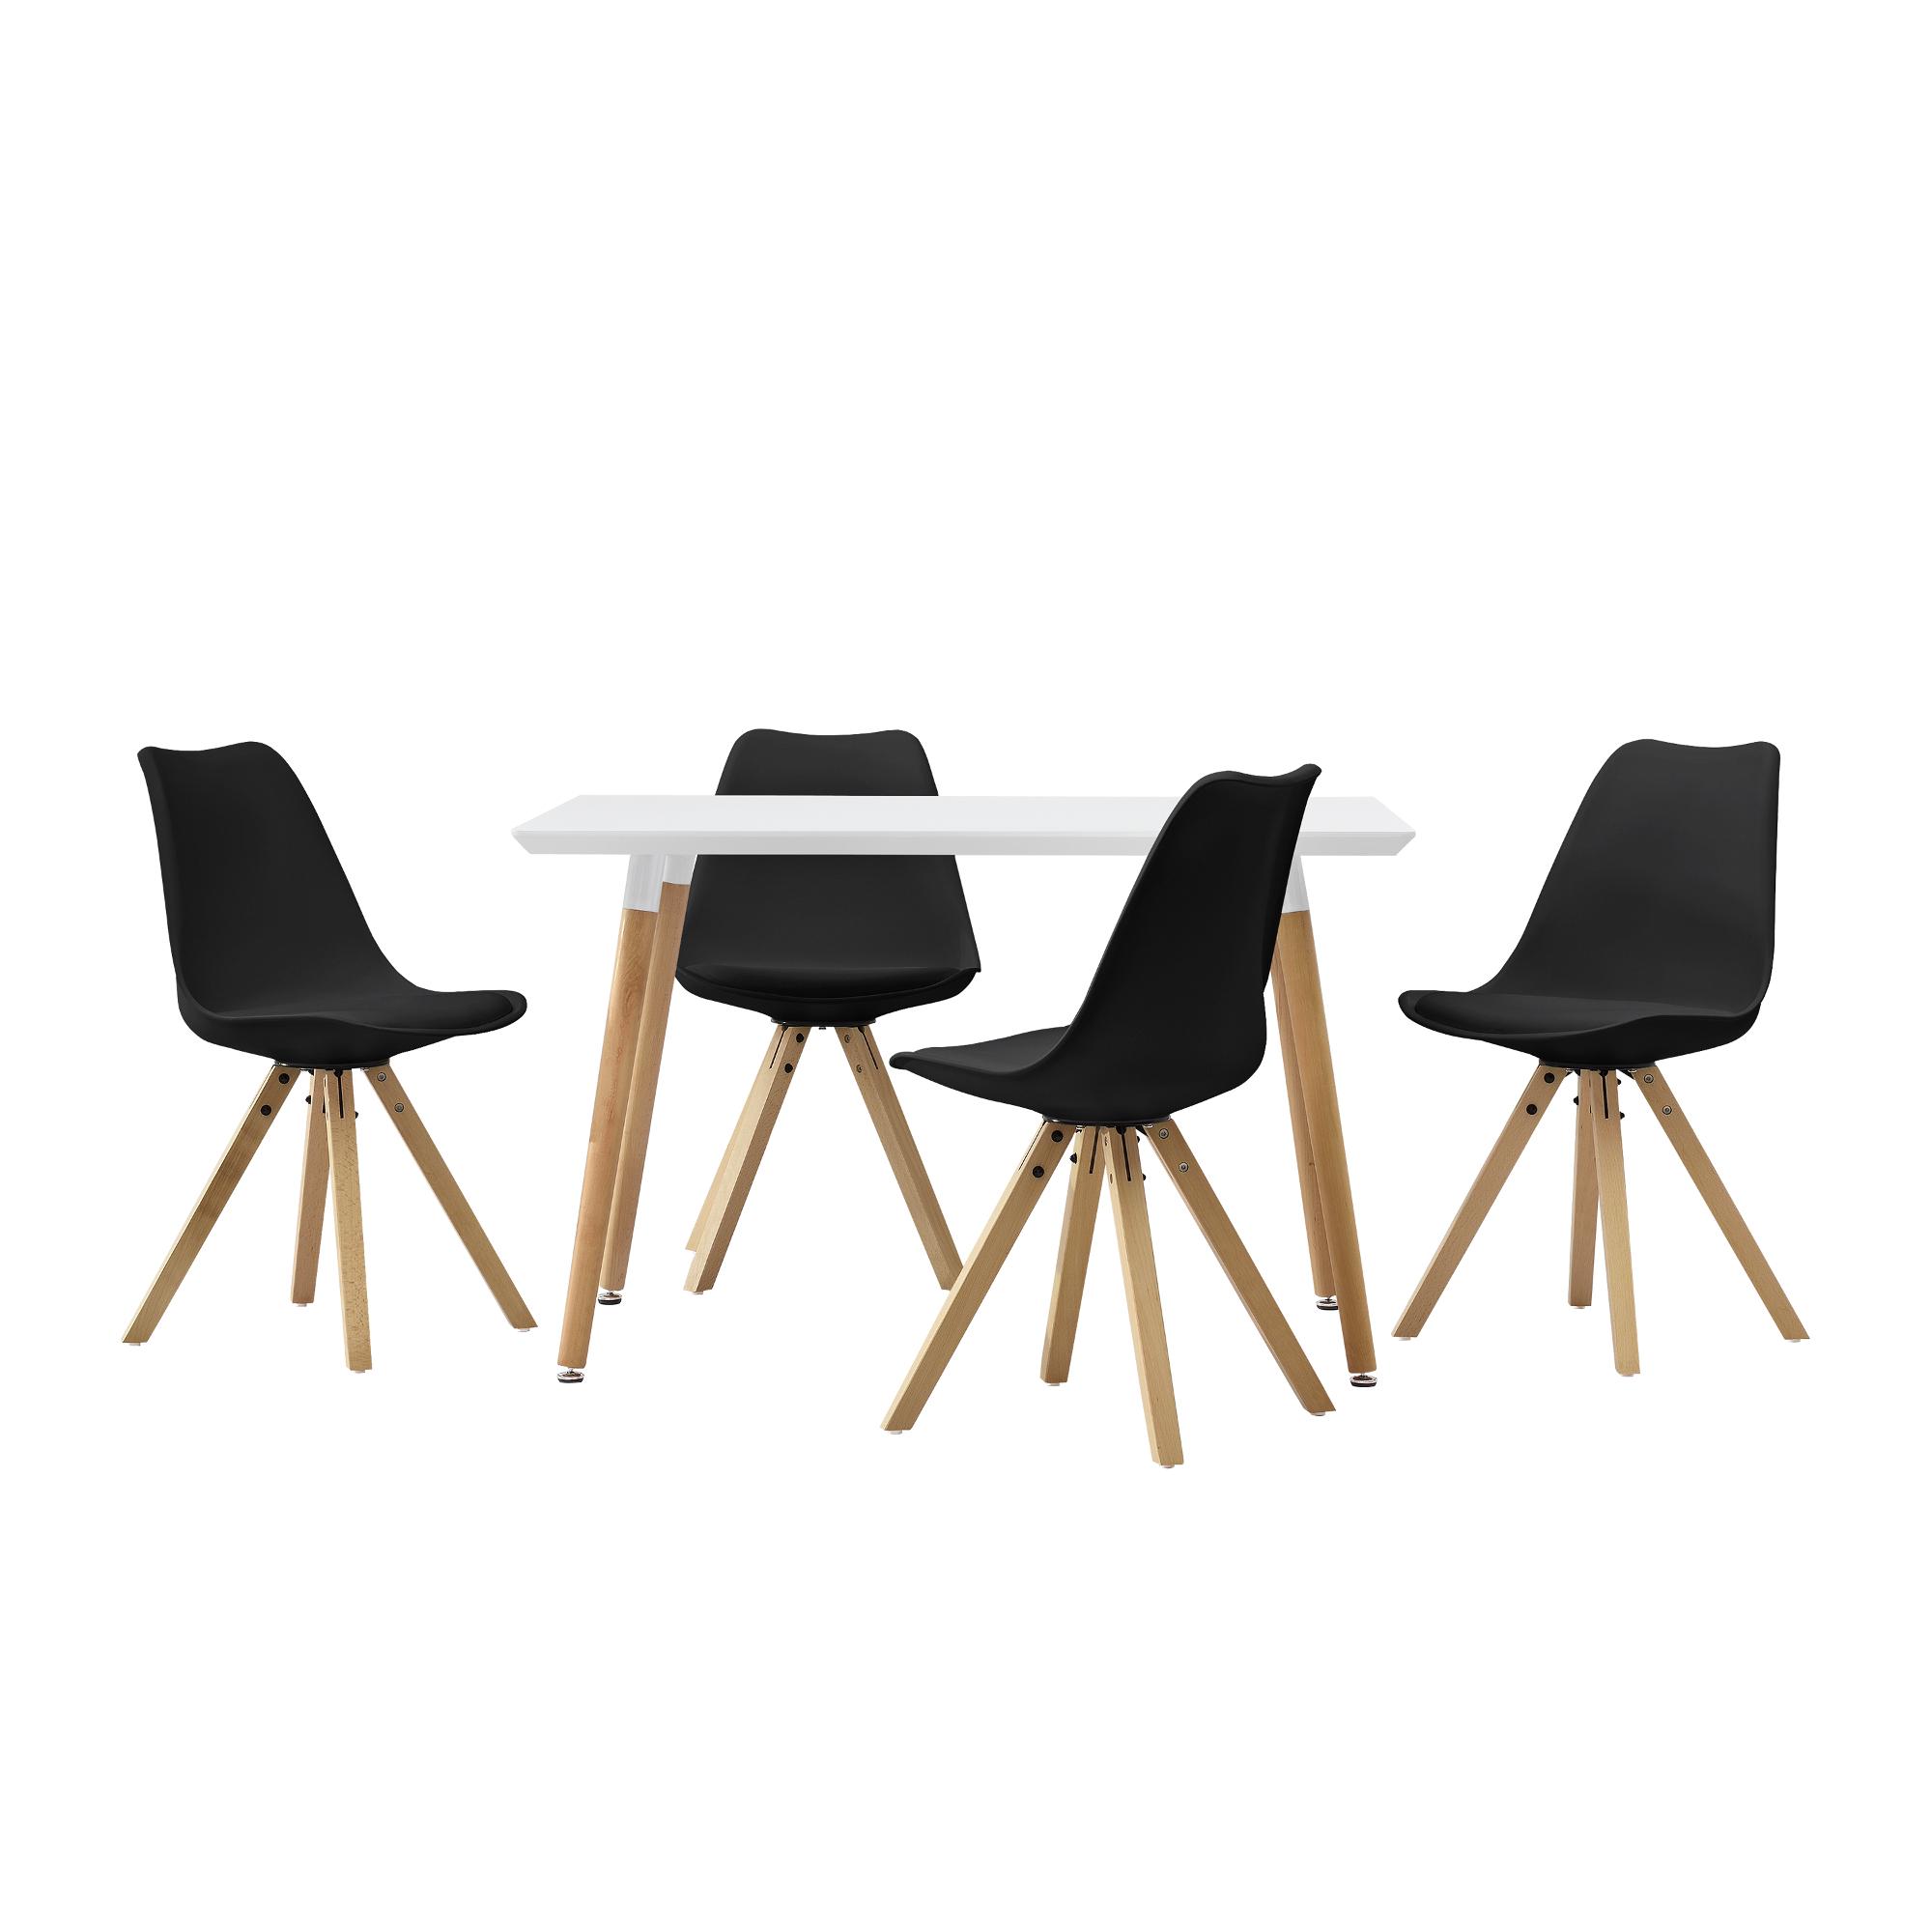 esstisch 120x80cm mit st hlen k chentisch esszimmer tisch essgruppe ebay. Black Bedroom Furniture Sets. Home Design Ideas